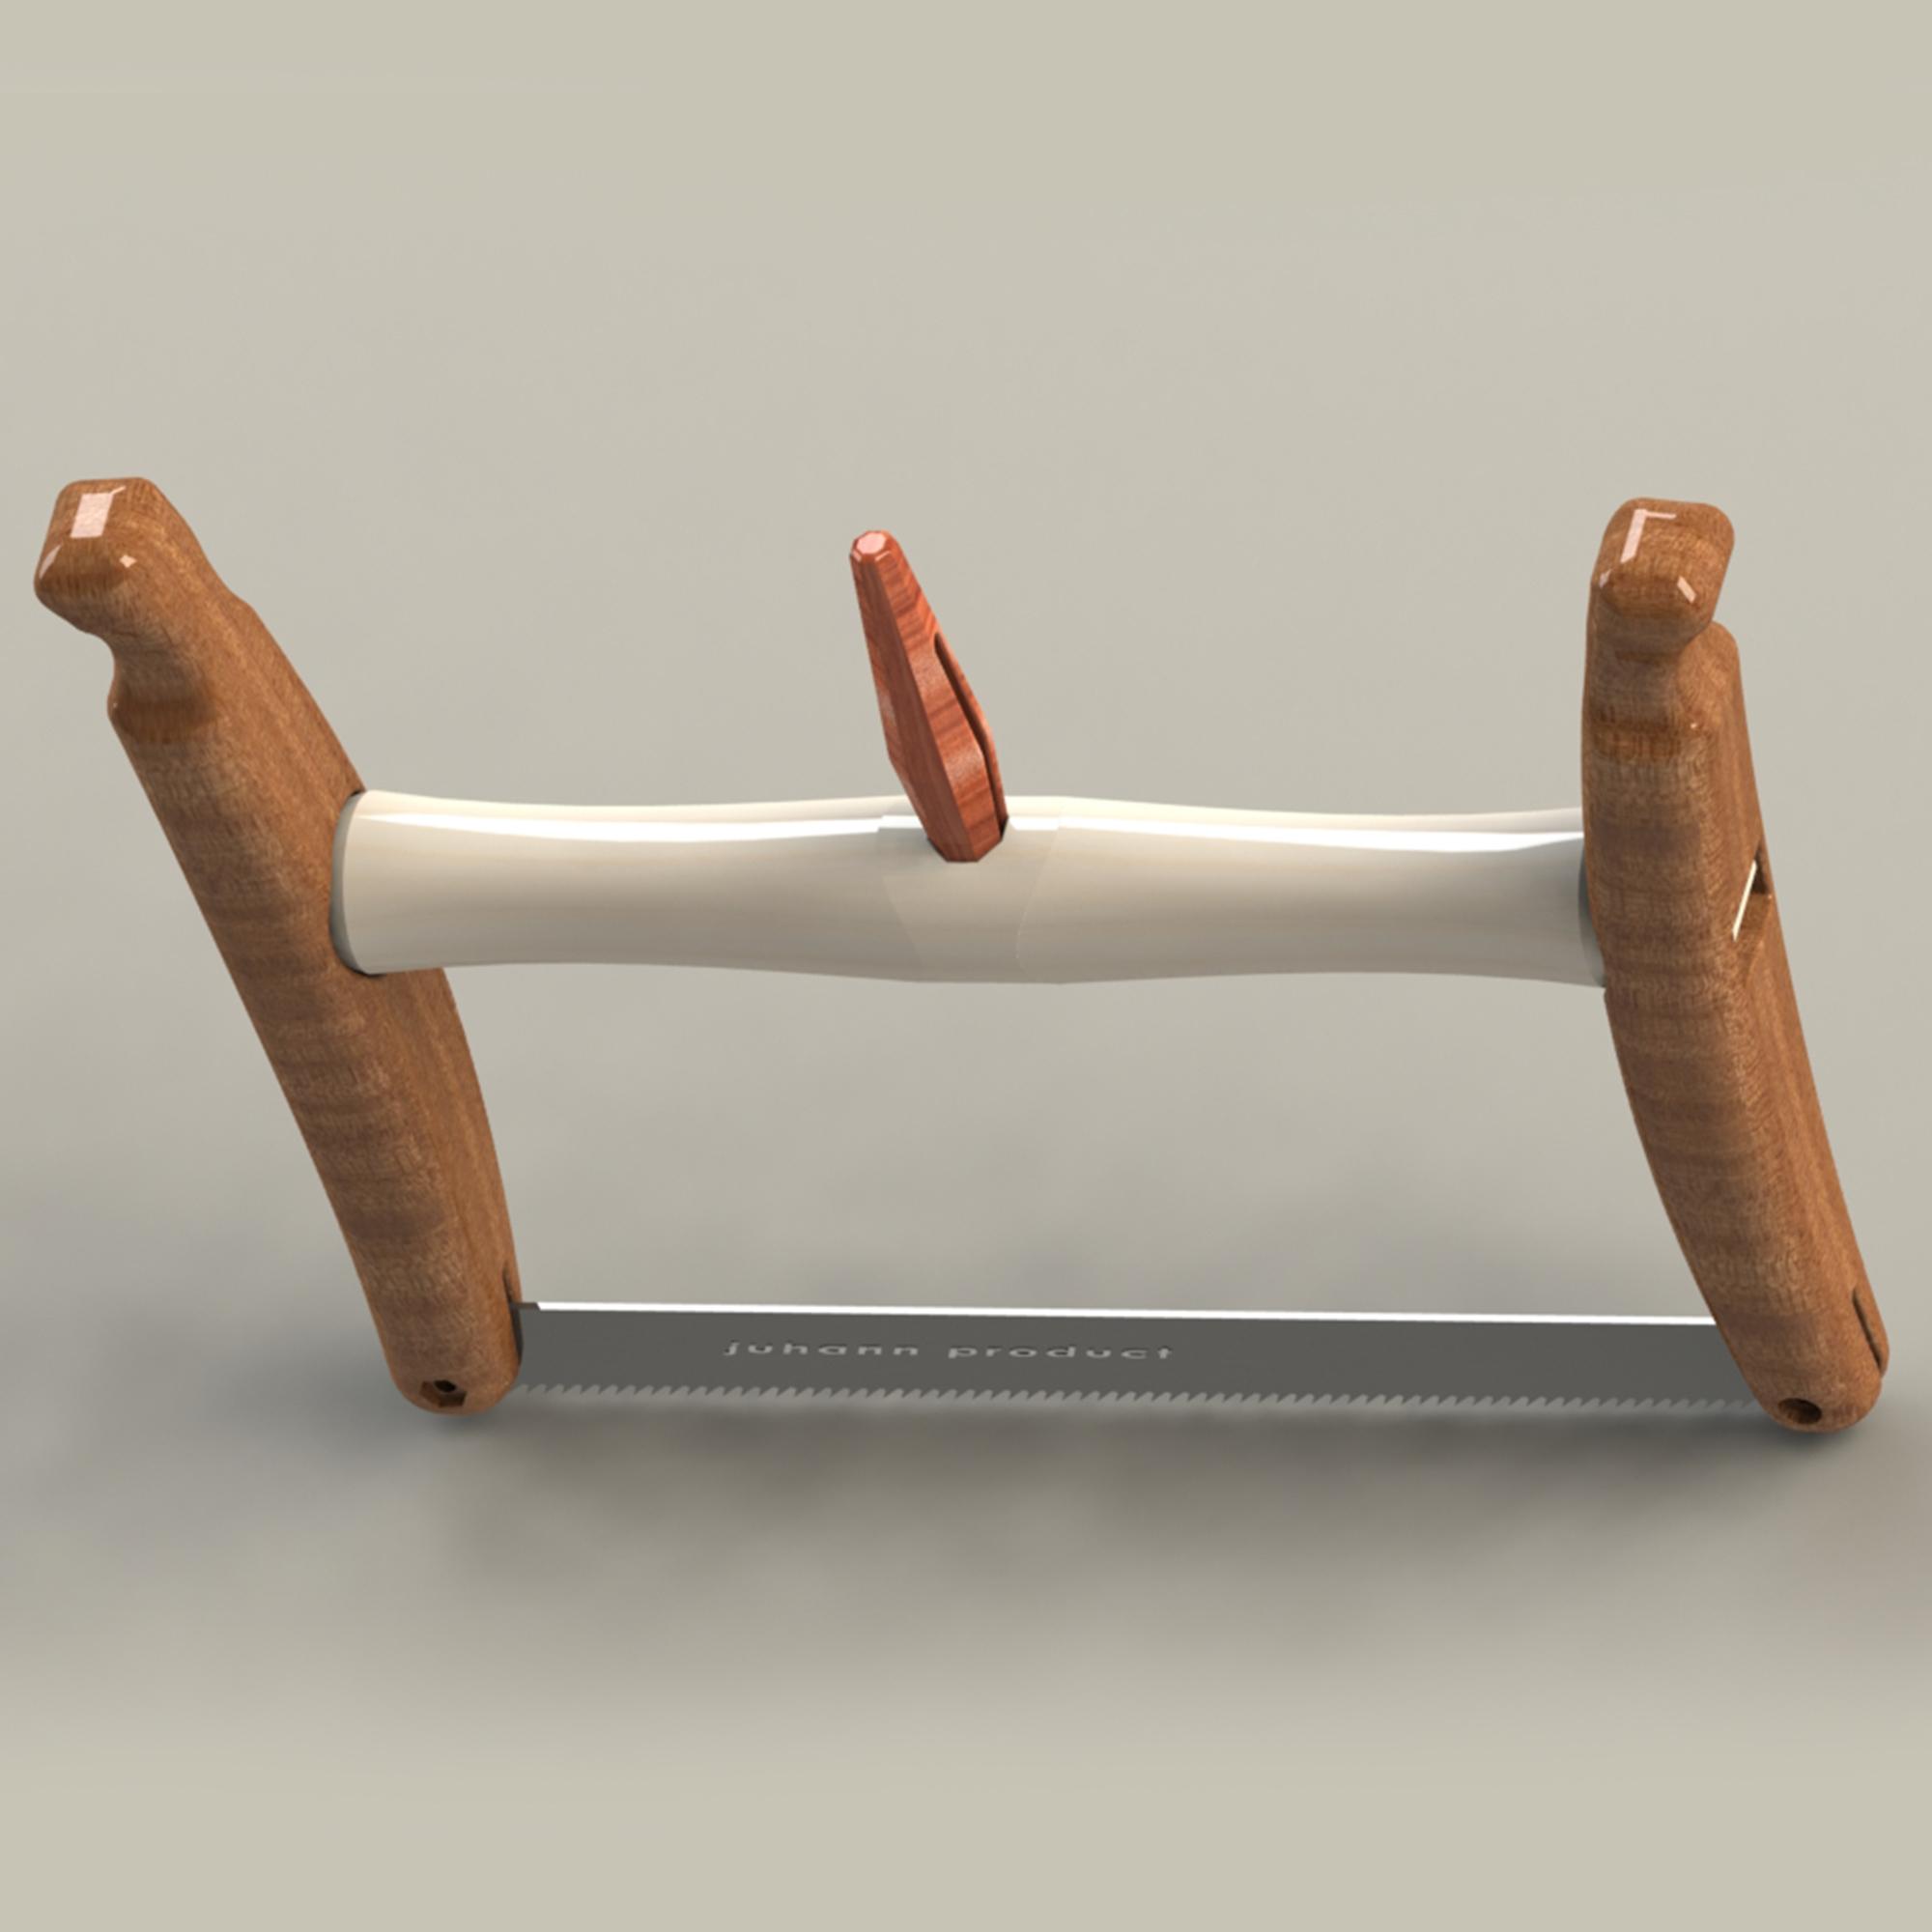 Untitled-11.jpg Télécharger fichier STL gratuit scie de camping • Objet pour impression 3D, saeedyouhannae